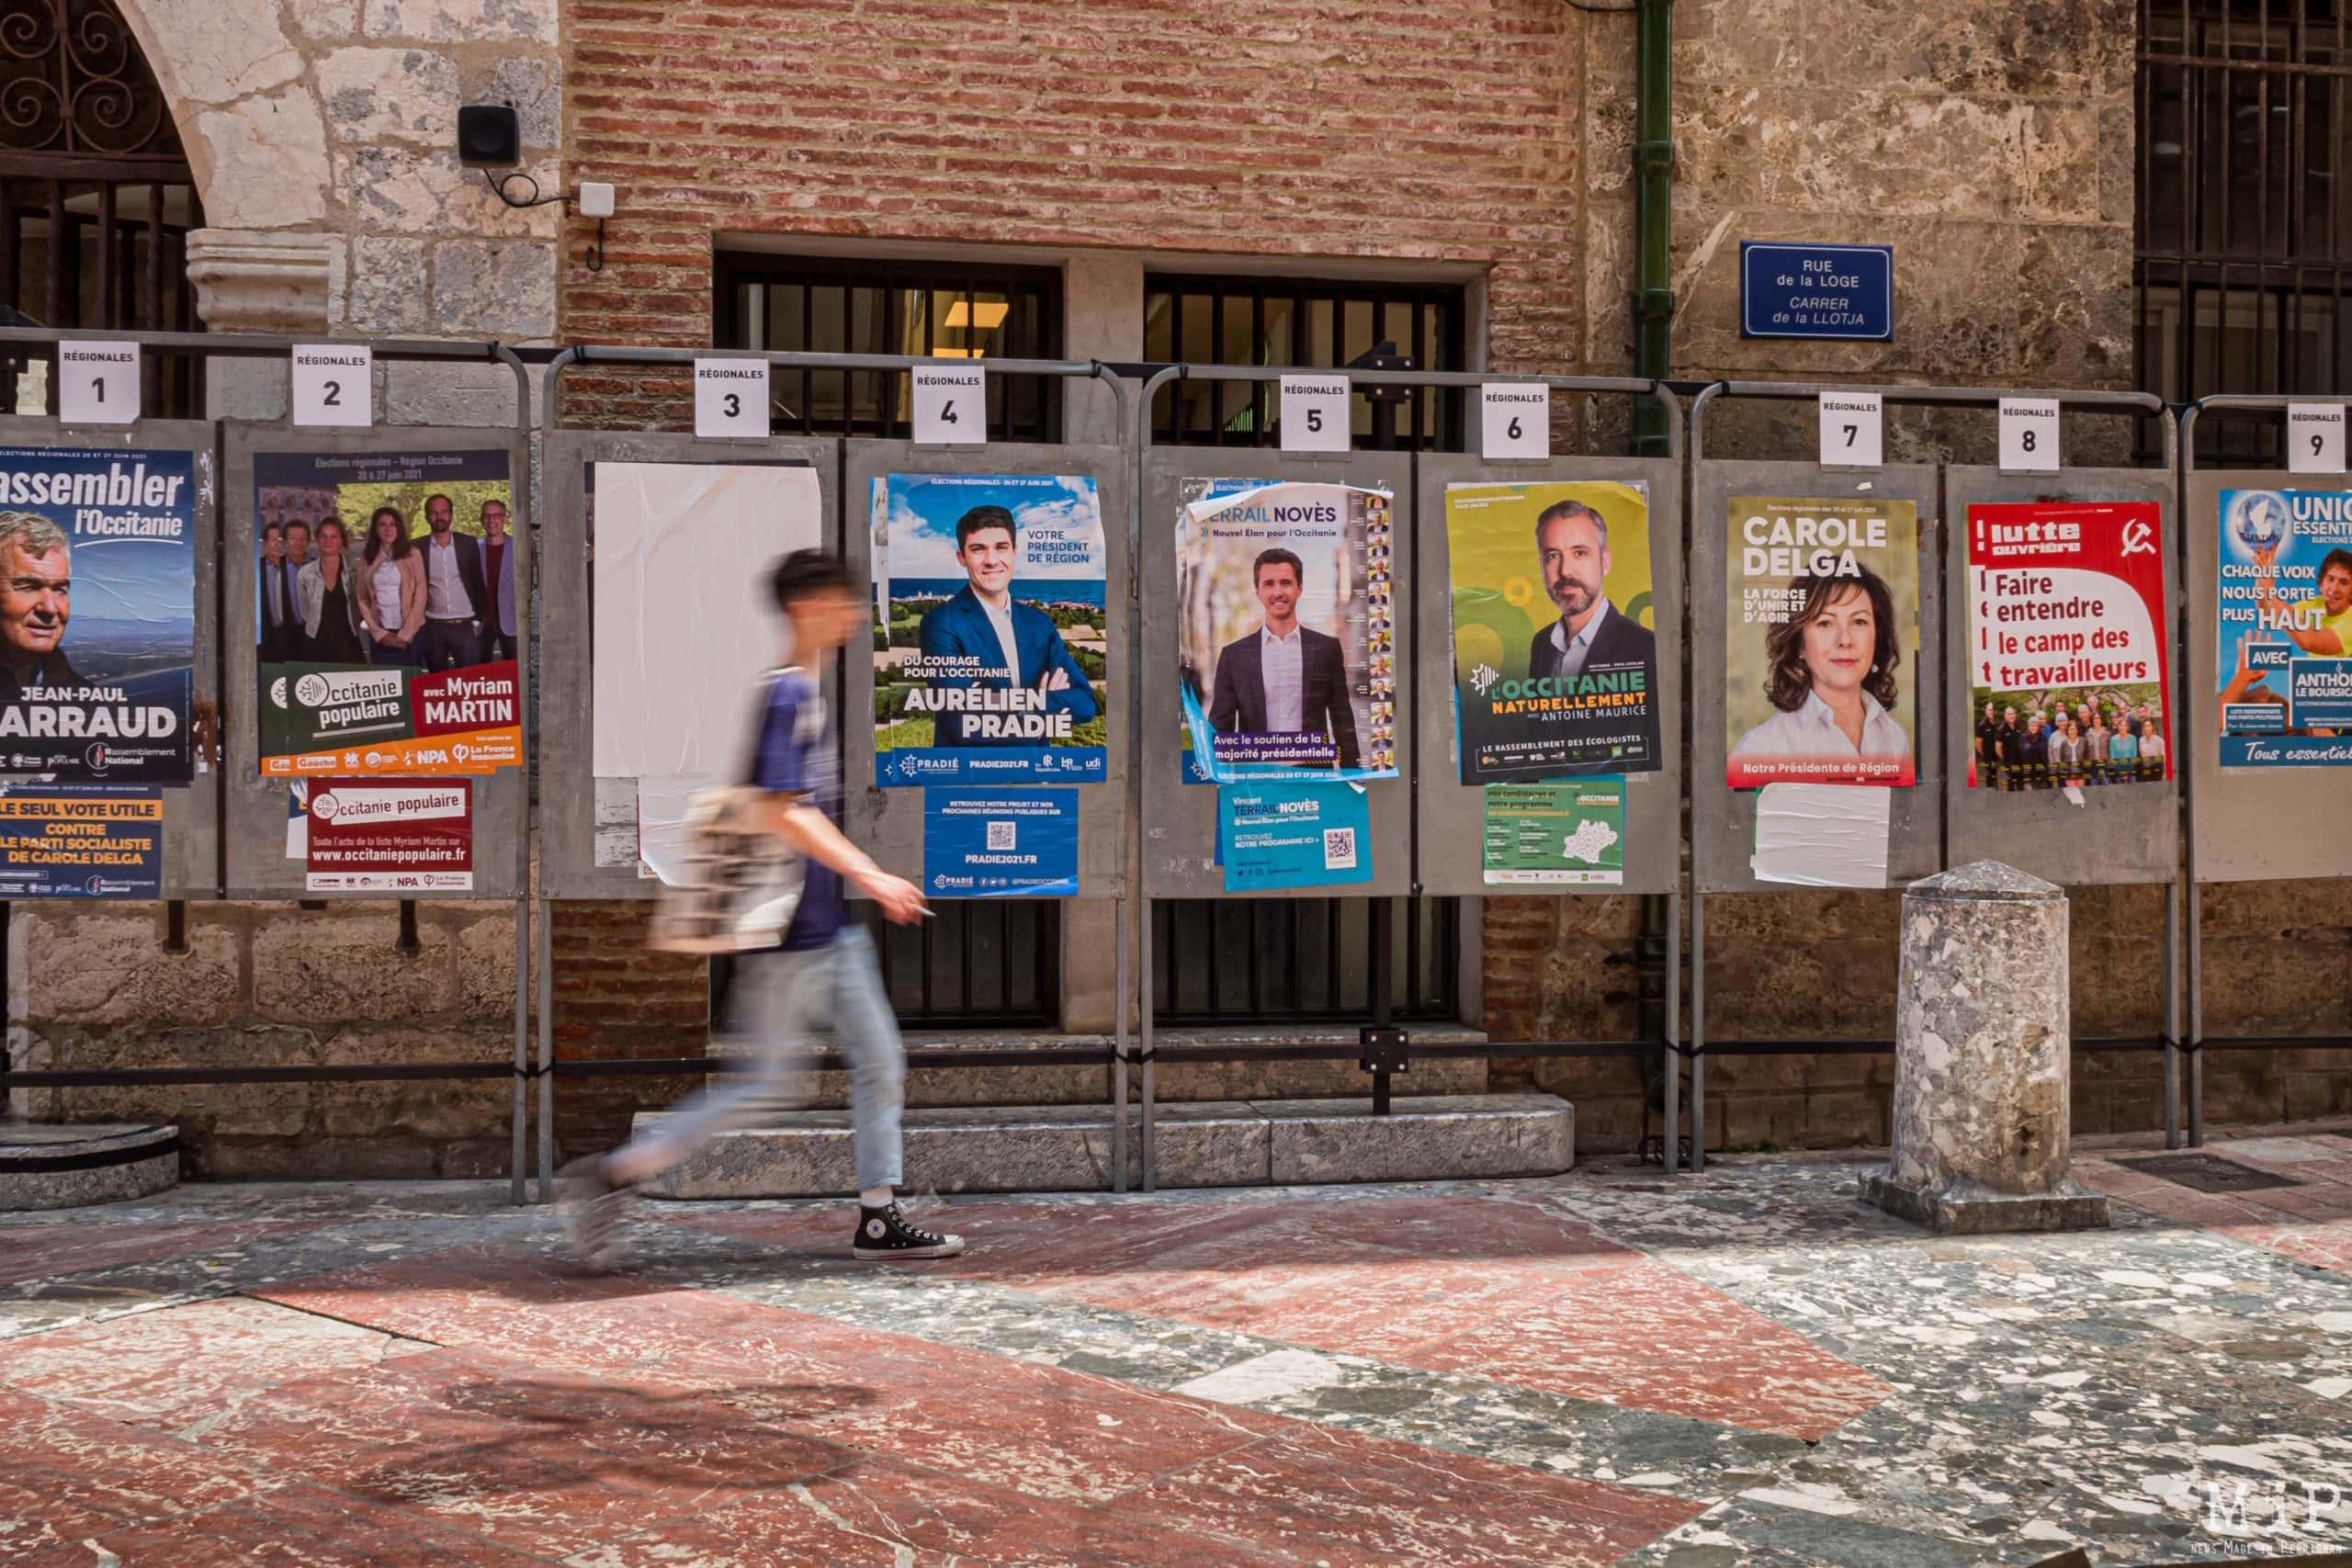 France - Perpignan - Panneaux electoraux elections regionales